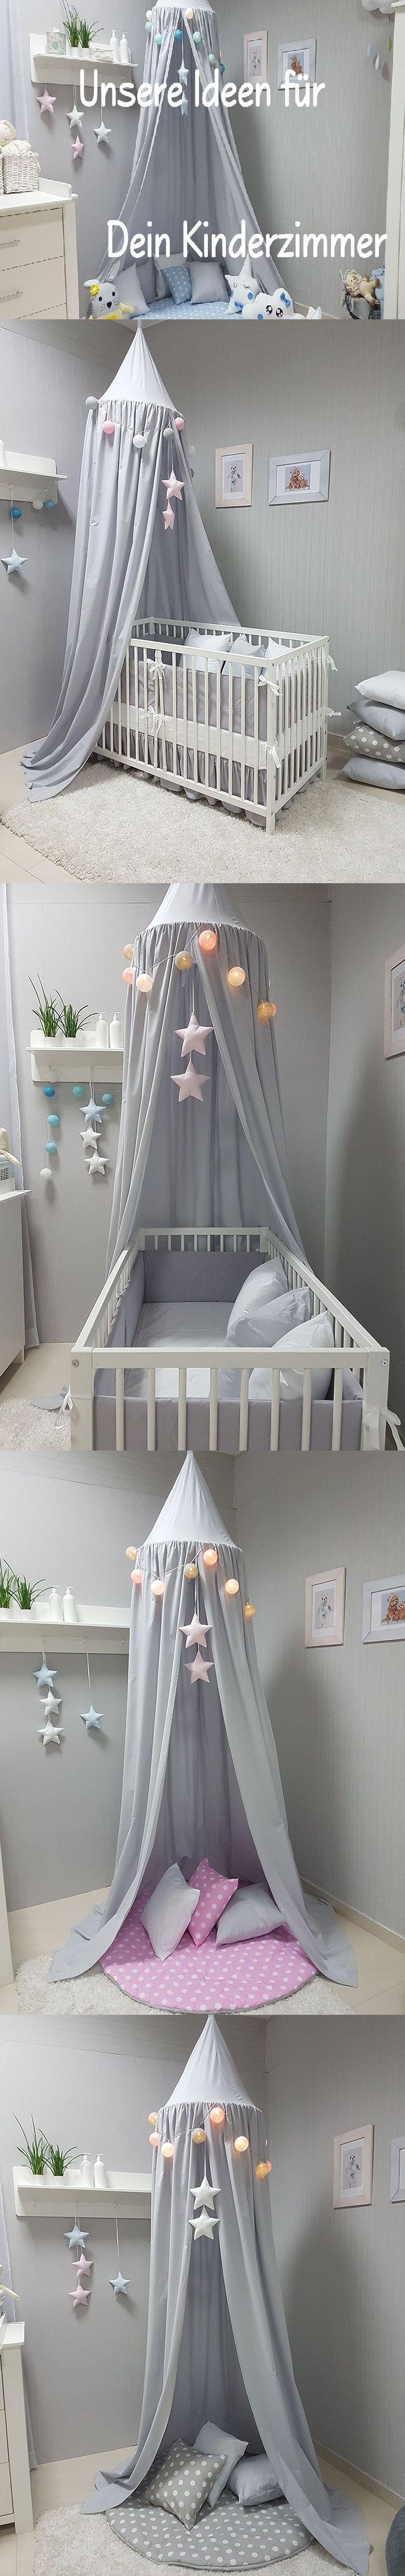 Viele tolle IDEEN für dein Kinderzimmer. Von Baby bis zum Kindalter... alle findest du in BABYMAJAWELT Online Shop